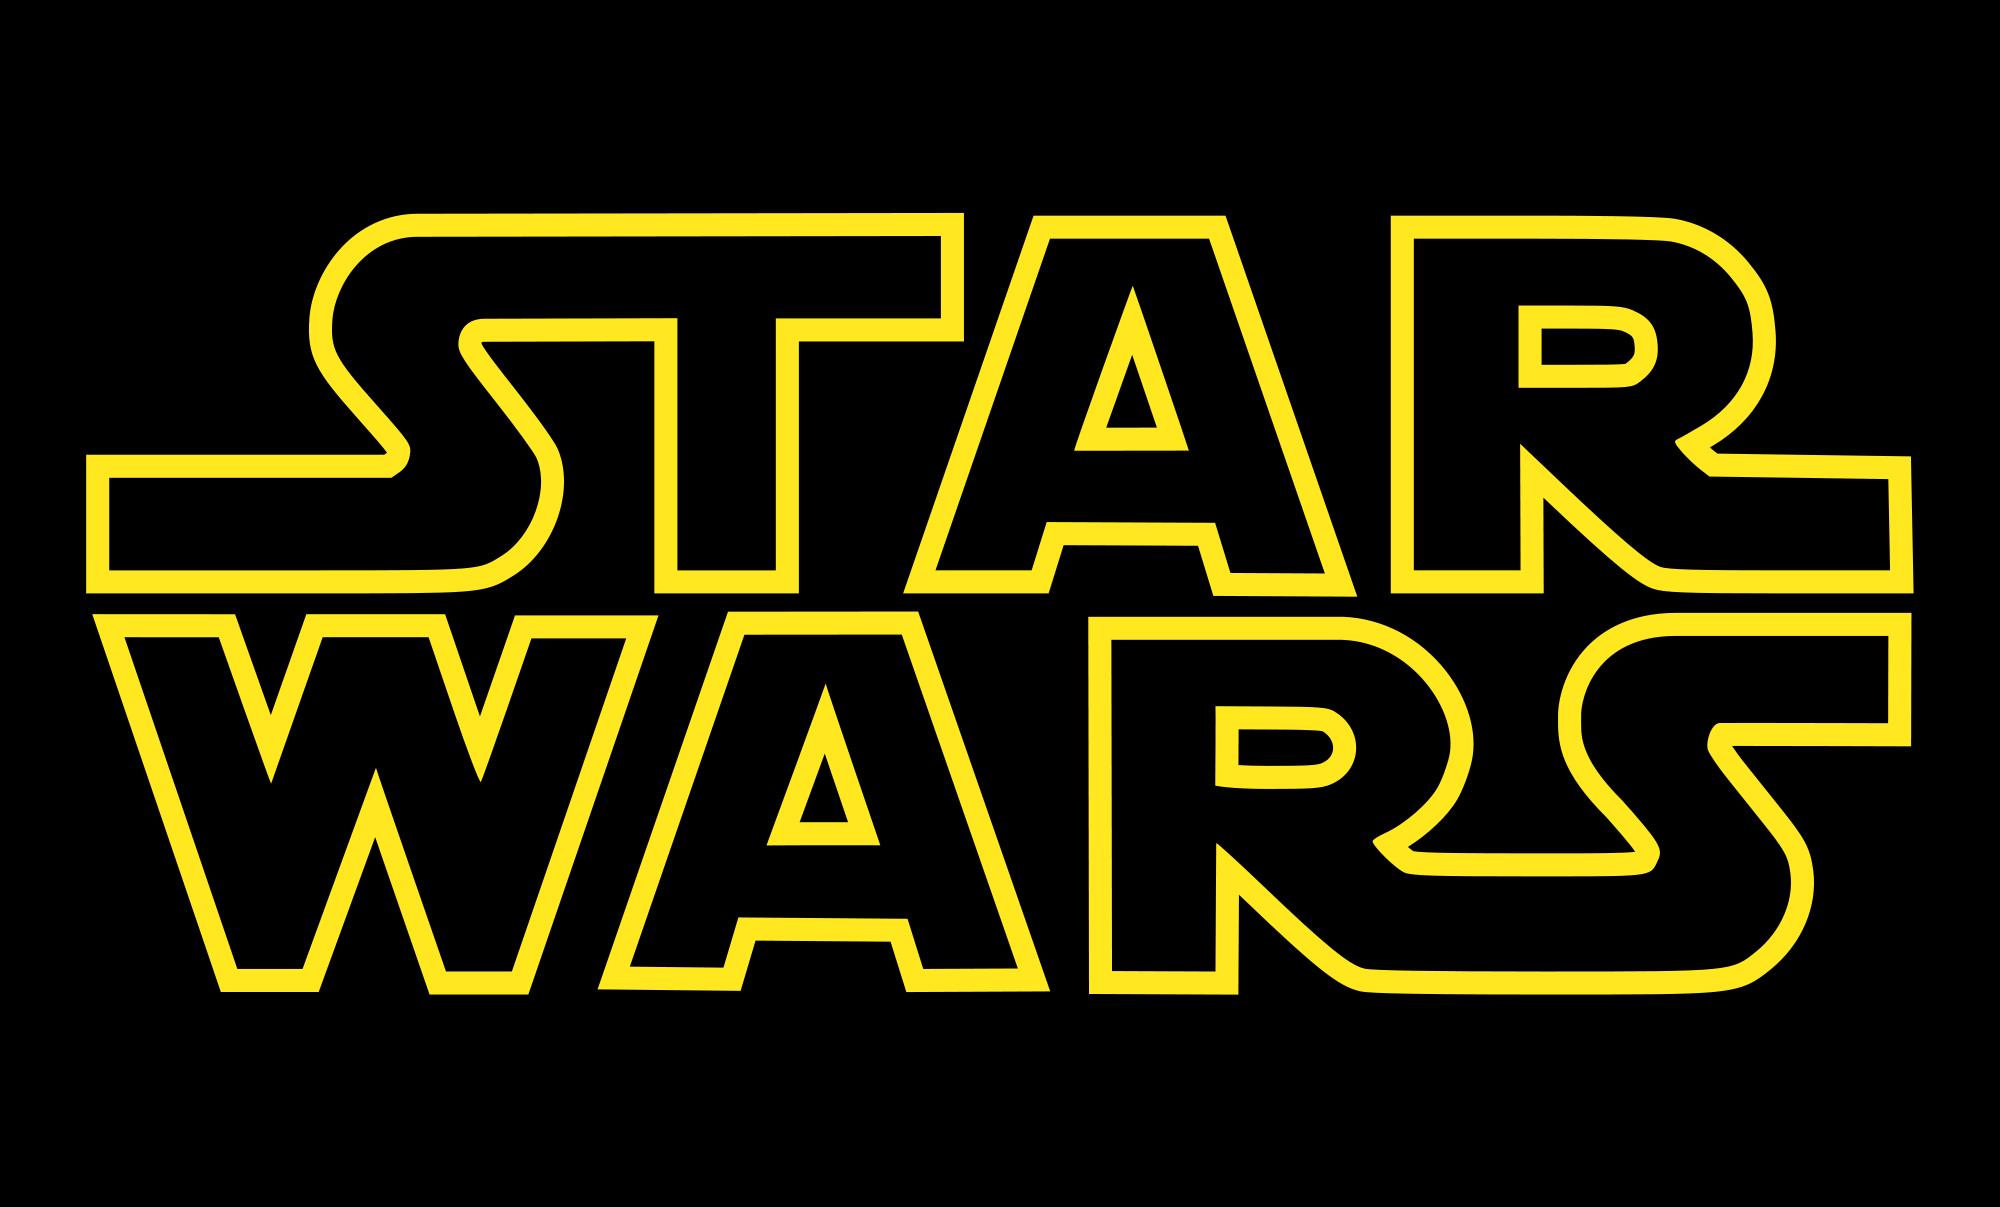 Star Wars e Frozen lideram ideias de presentes para crianças